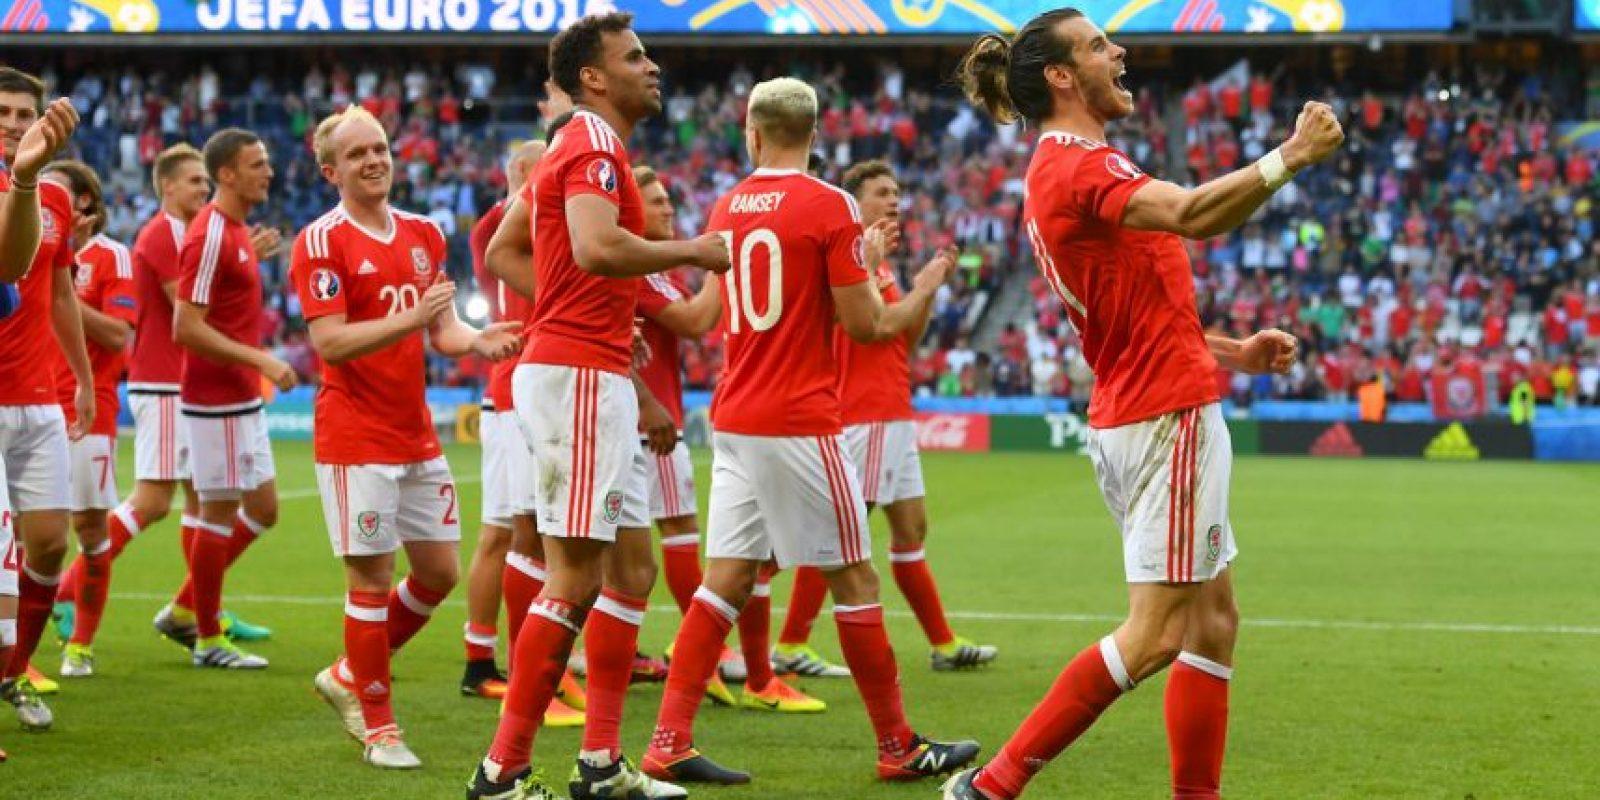 Gales ha demostrado su poderío en la Eurocopa y avanzó a octavos primero de su grupo, venciendo con sufrimiento a Irlanda del Norte para avanzar a cuartos Foto:Getty Images